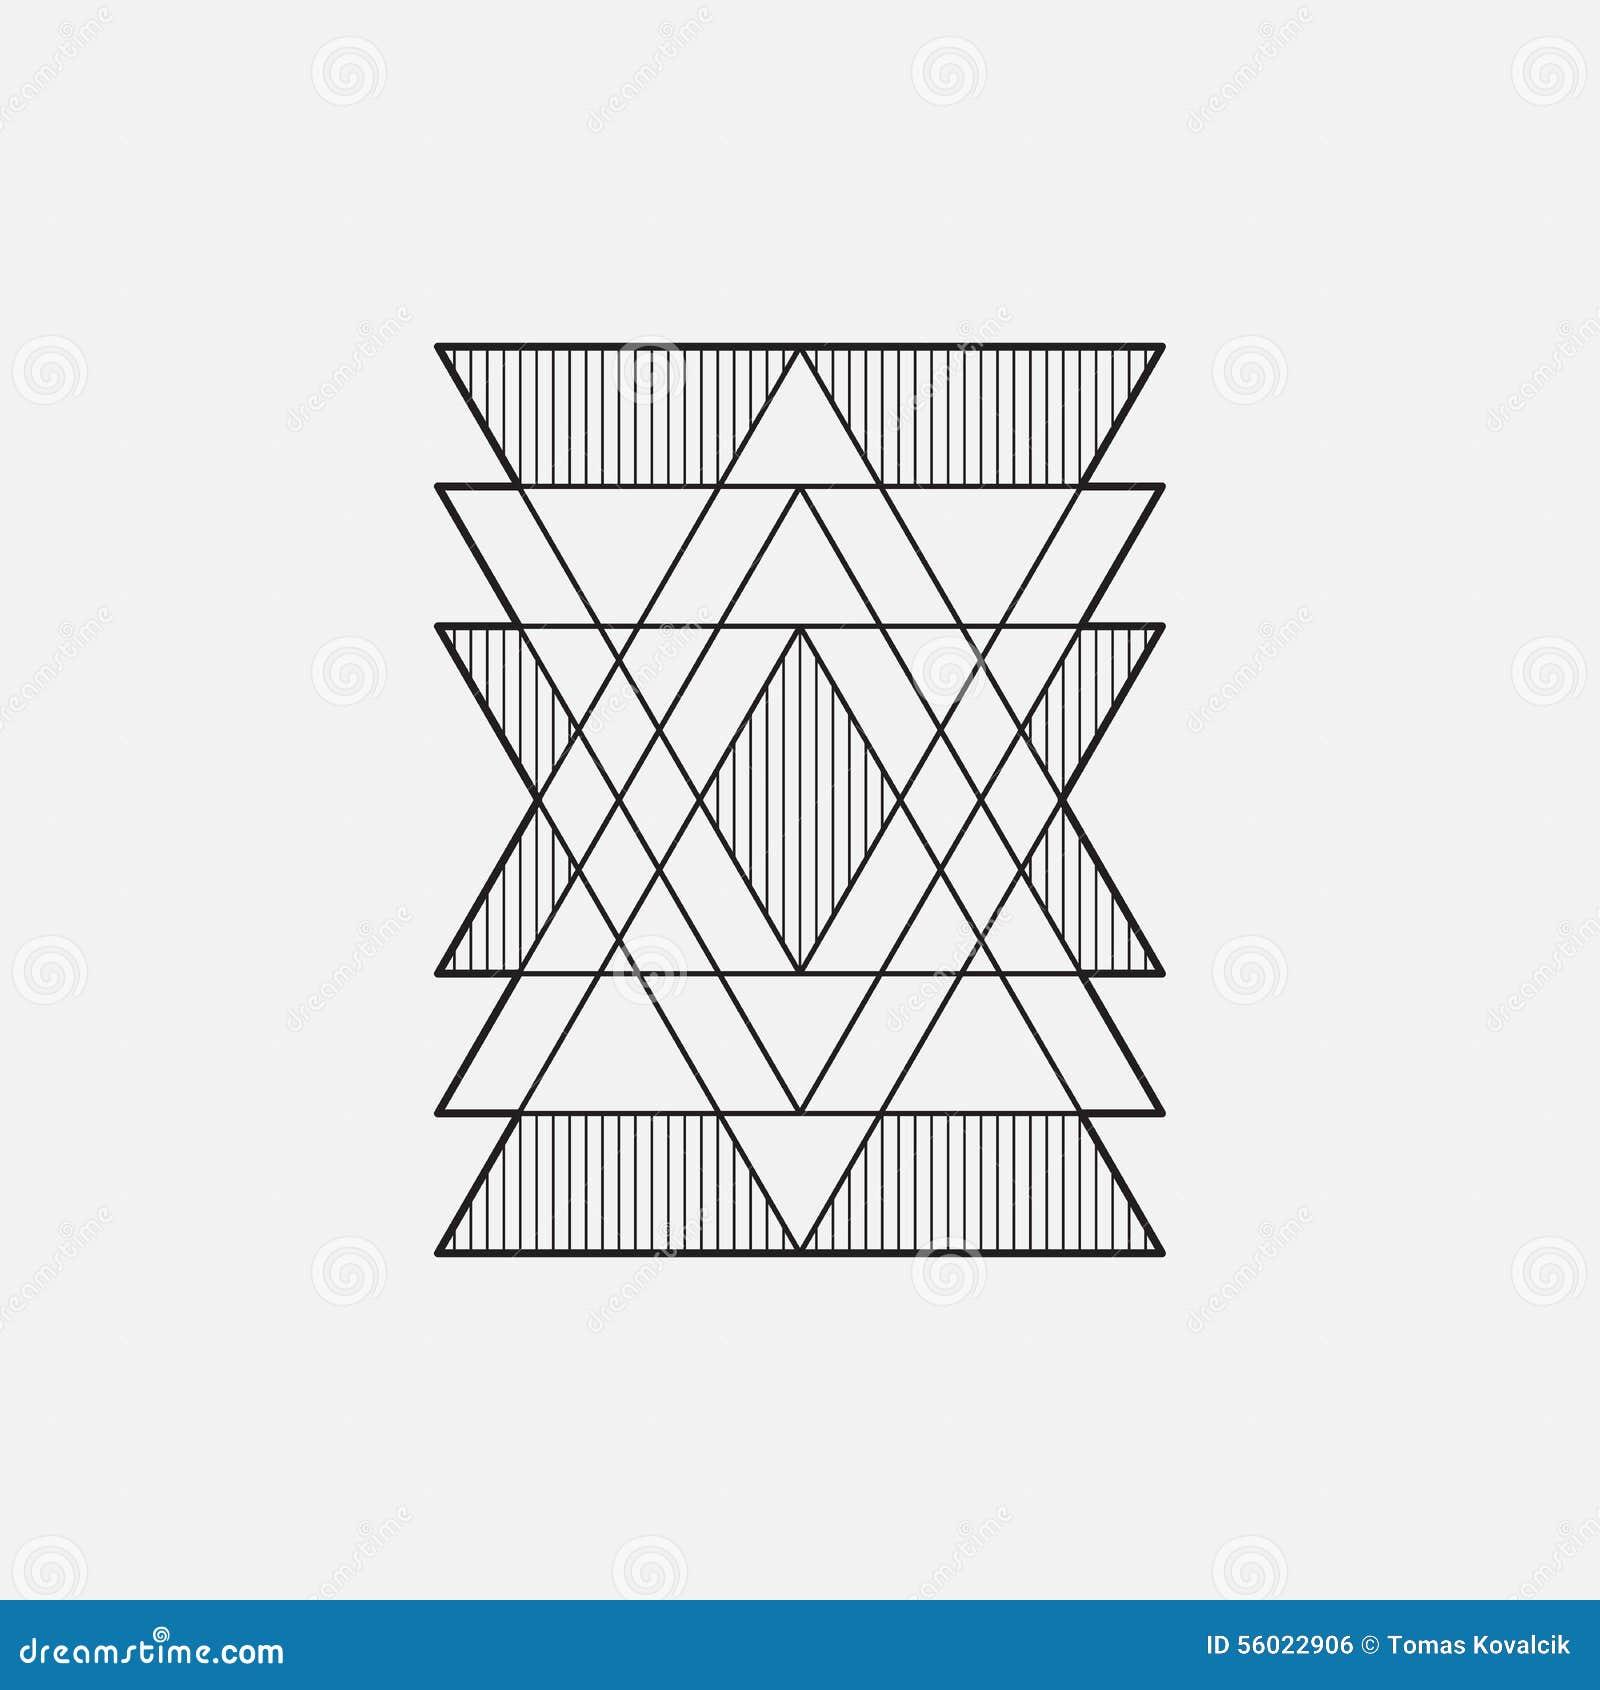 Σύγχρονο γεωμετρικό σύμβολο, σχέδιο γραμμών, διάνυσμα, τρίγωνα